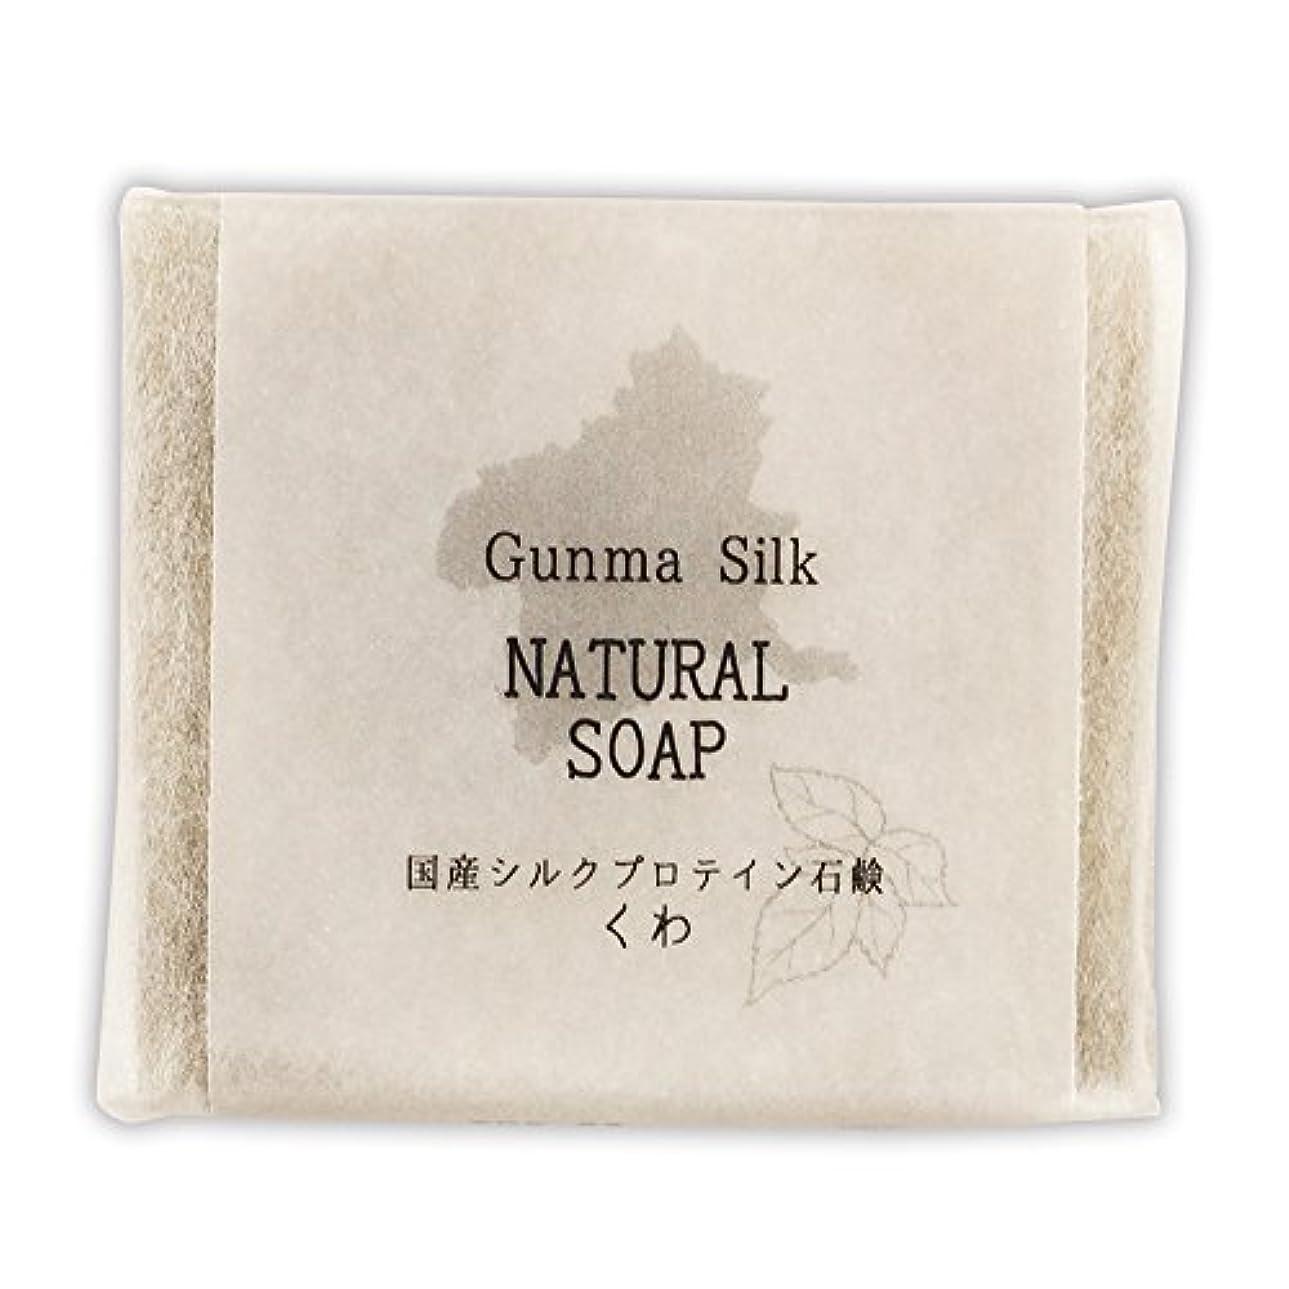 ヒープスケッチ逸話BN 国産シルクプロテイン石鹸 くわ SKS-03 (1個)